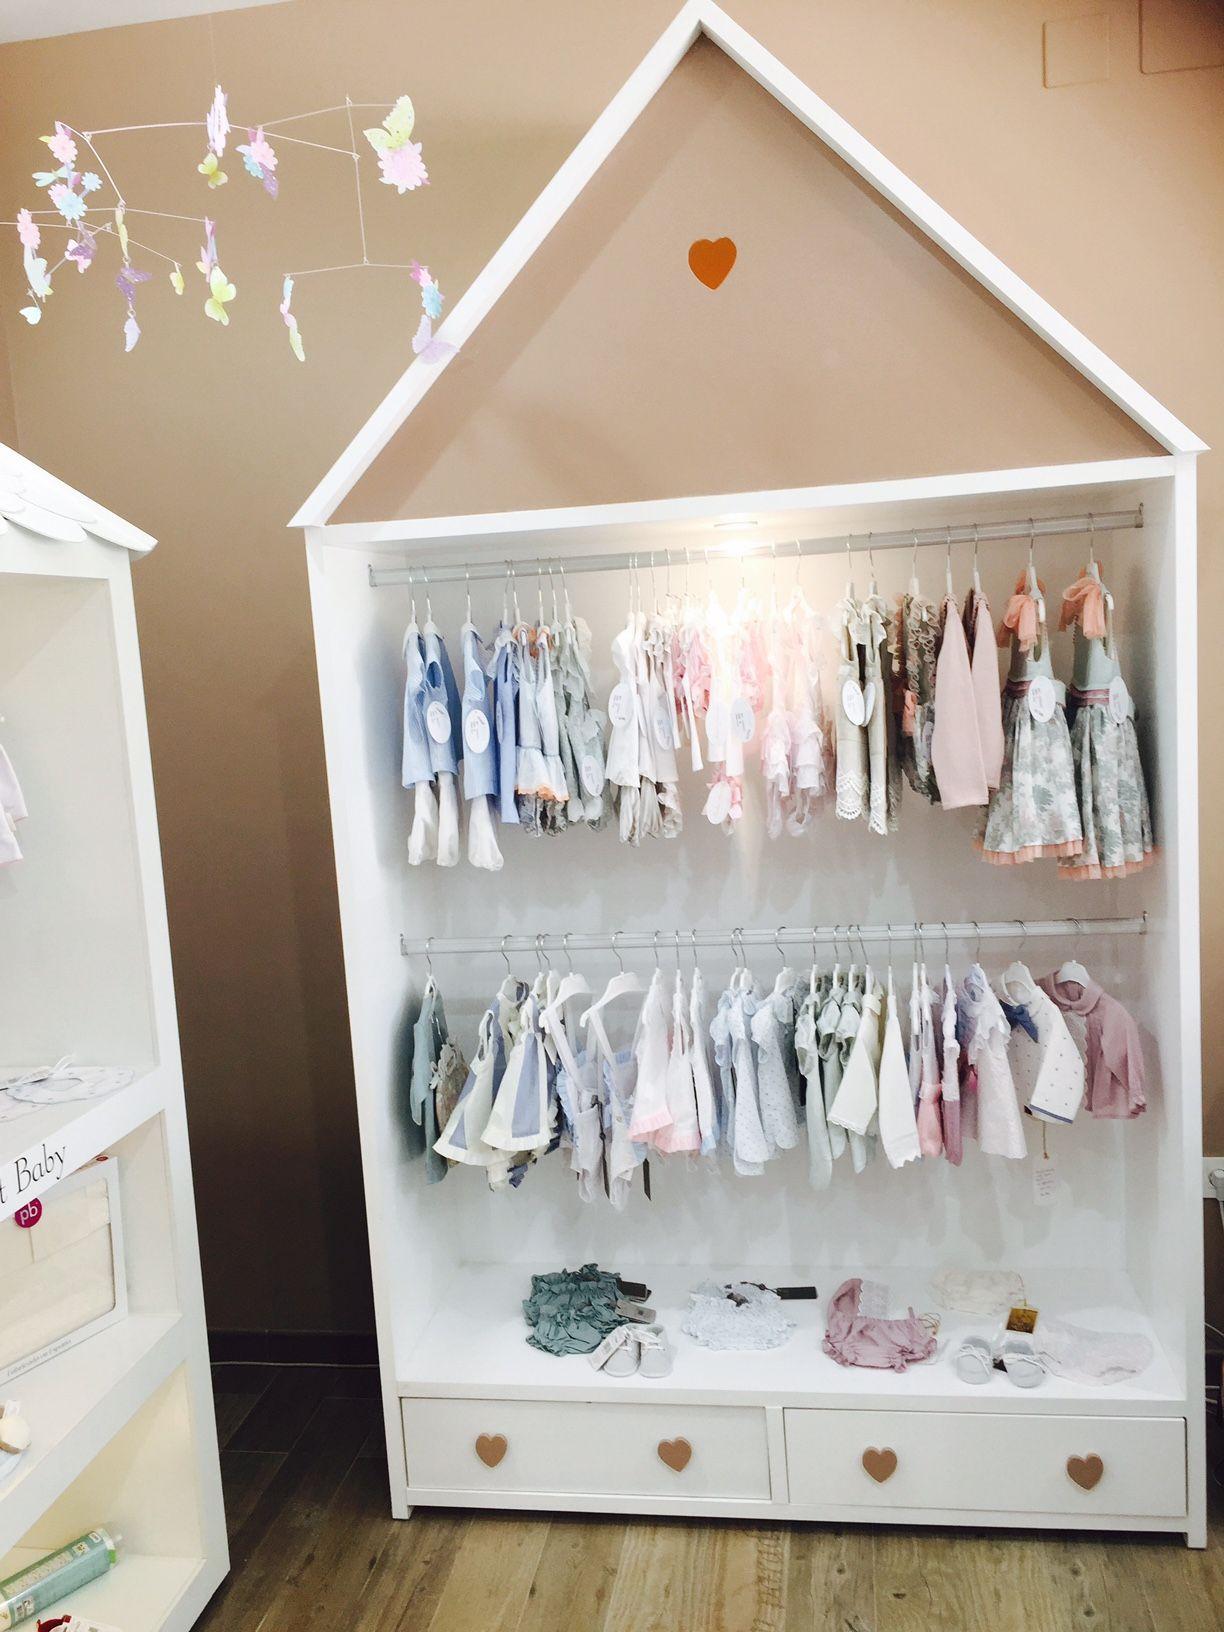 Estanterias en forma de casita creadas especialmente para Blondin bebe Boutique  infantil. Tiendas con encanto